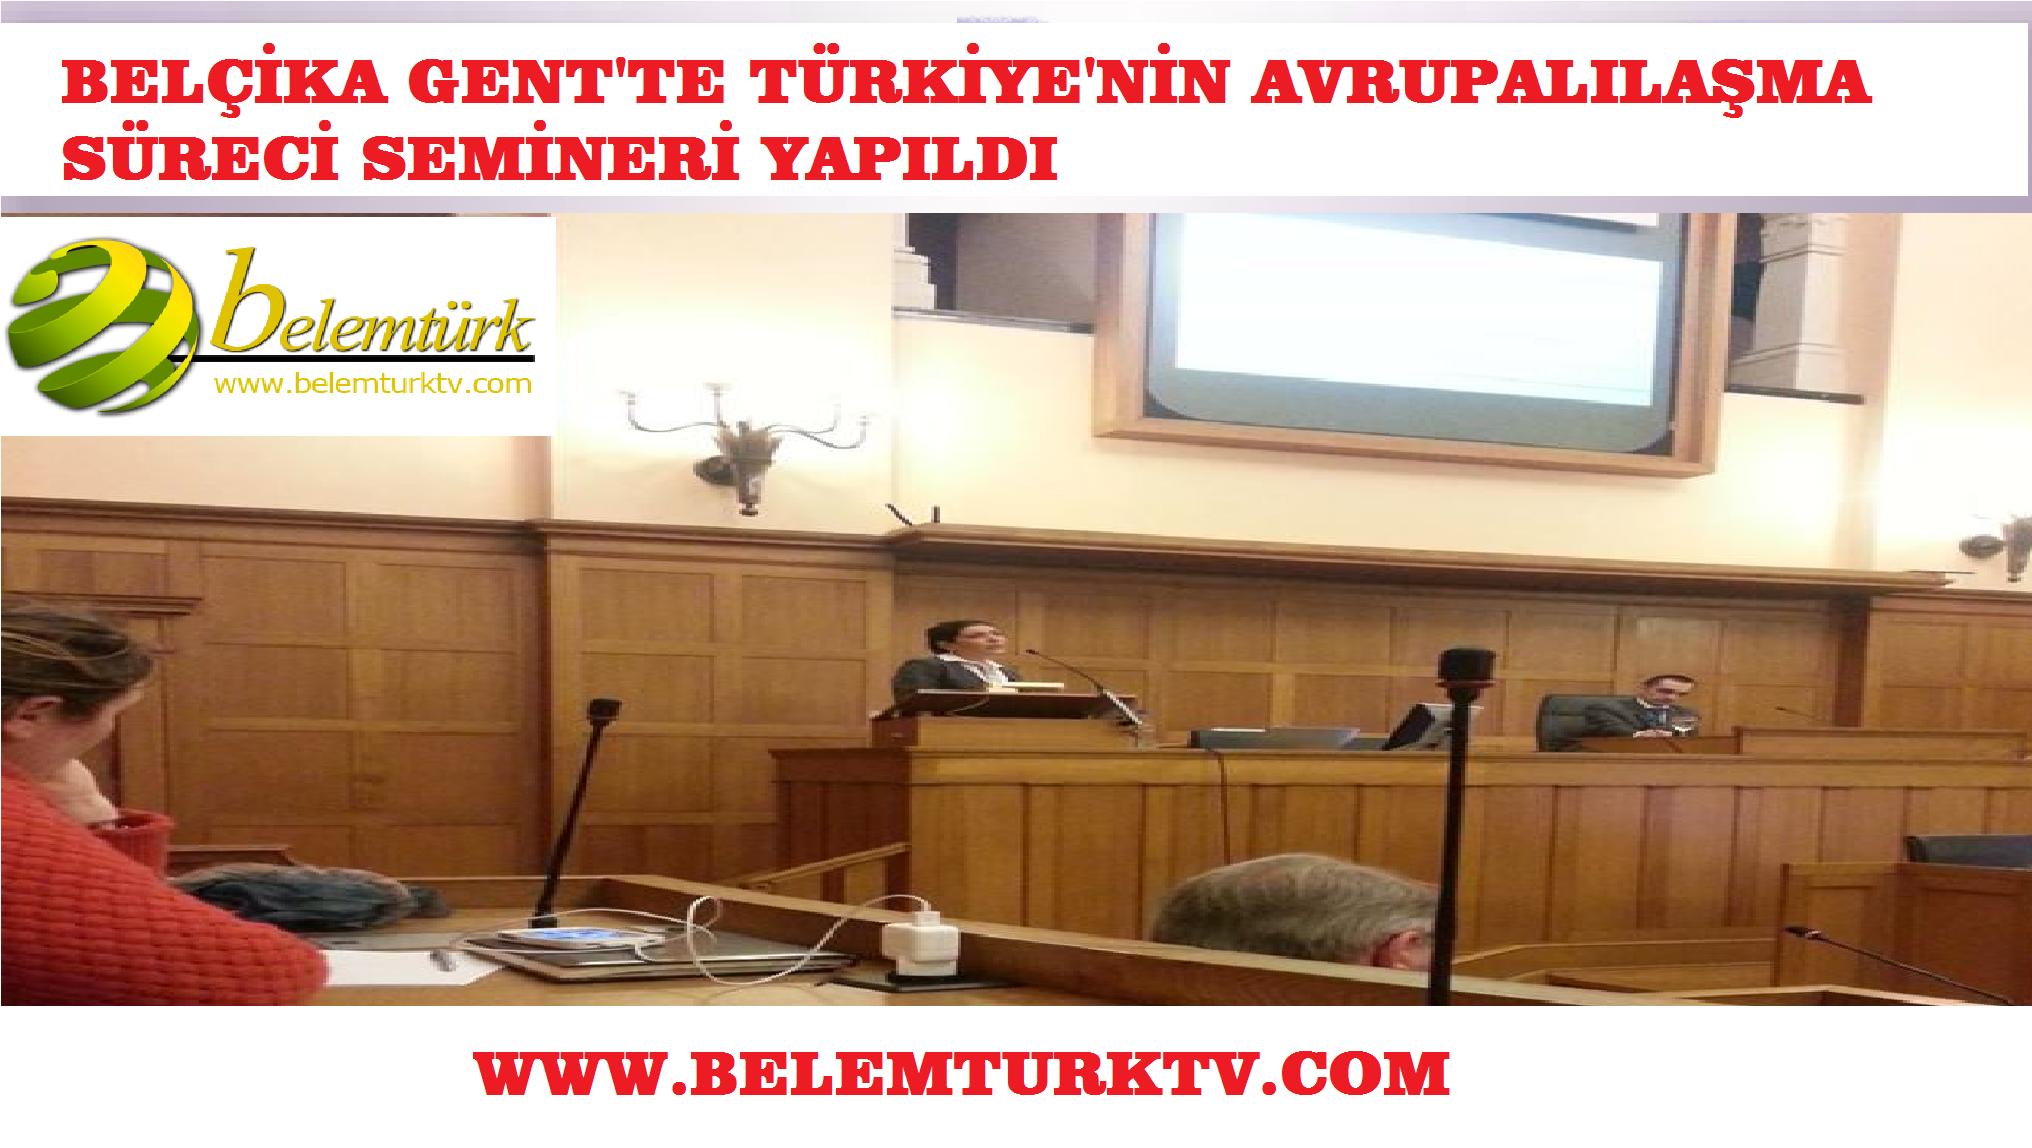 Gent'te Türkiye'nin Avrupalılaşma Süreci Semineri